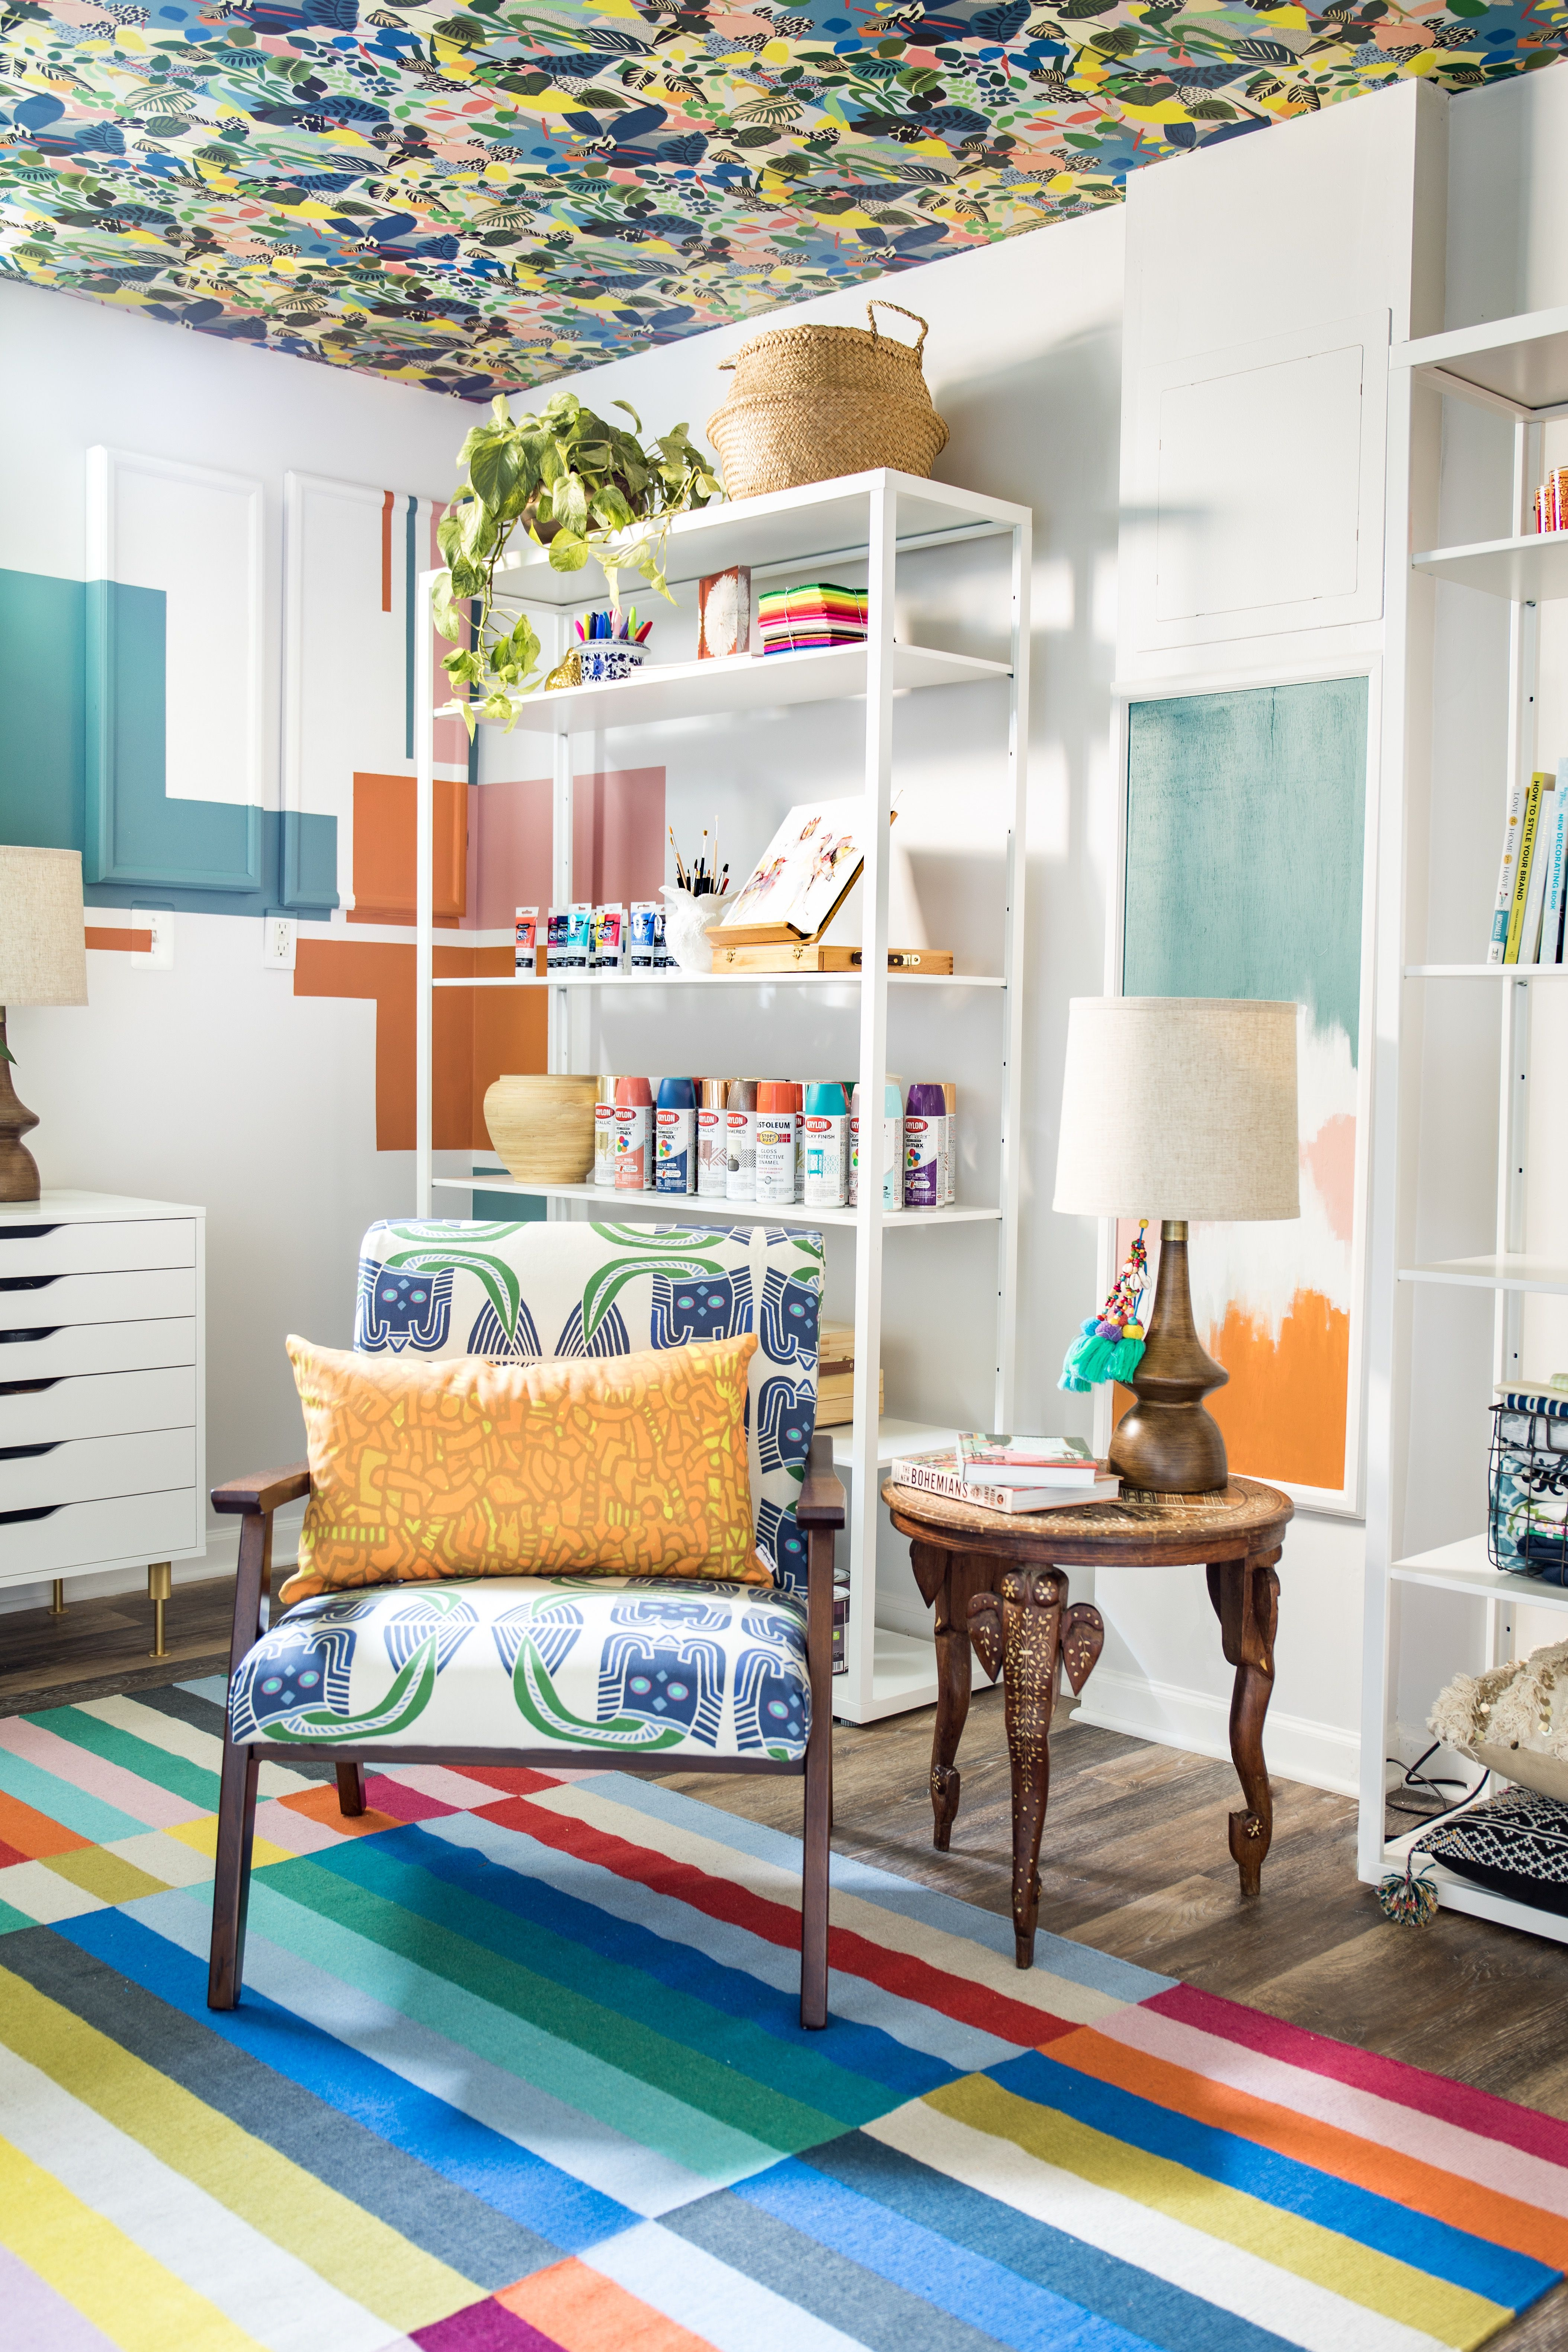 Overgrown Wallpaper • Home Office Wallpaper • Basement Wallpaper • Casa Watkins Blog • Milton & King USA